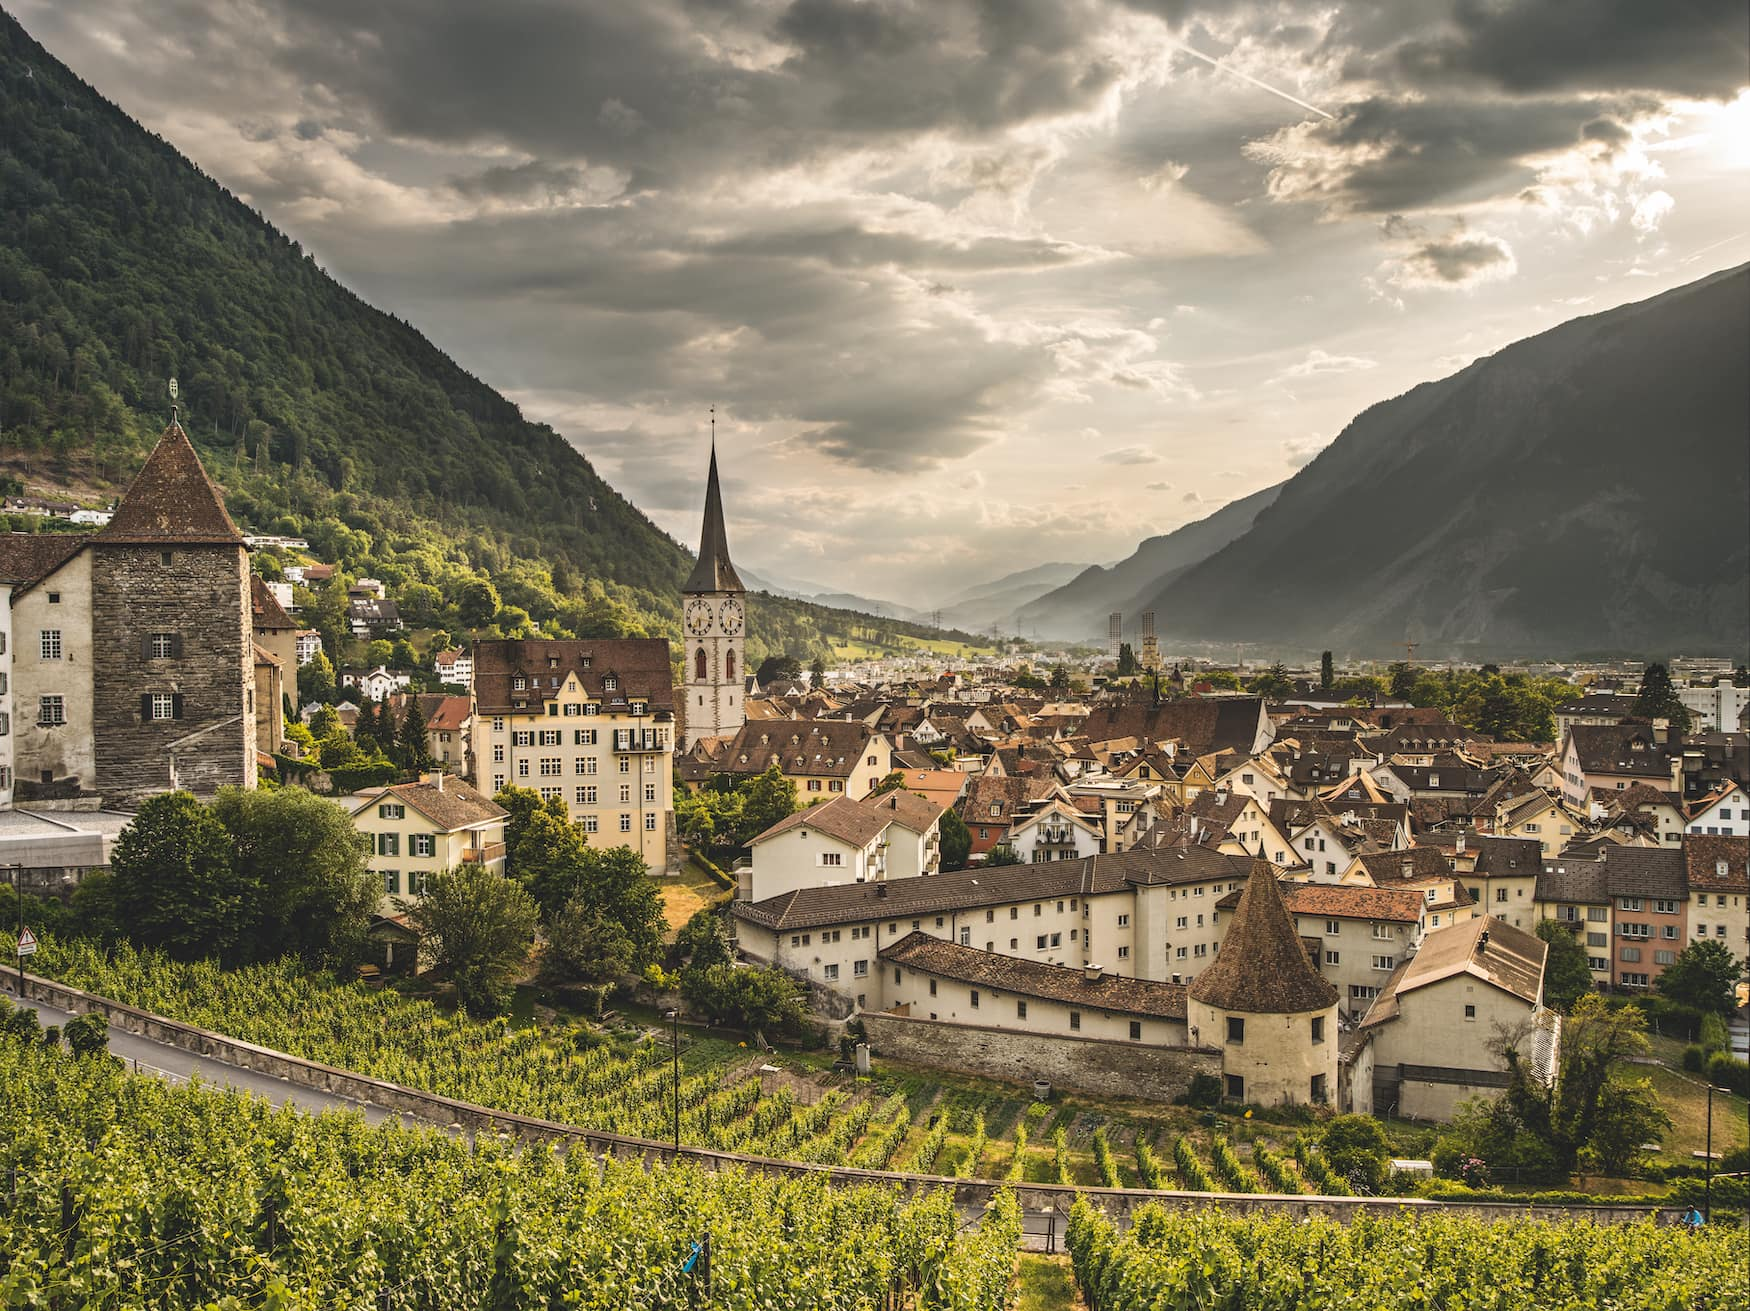 Kirche St.Martin in der Altstadt von Chur, Schweiz.